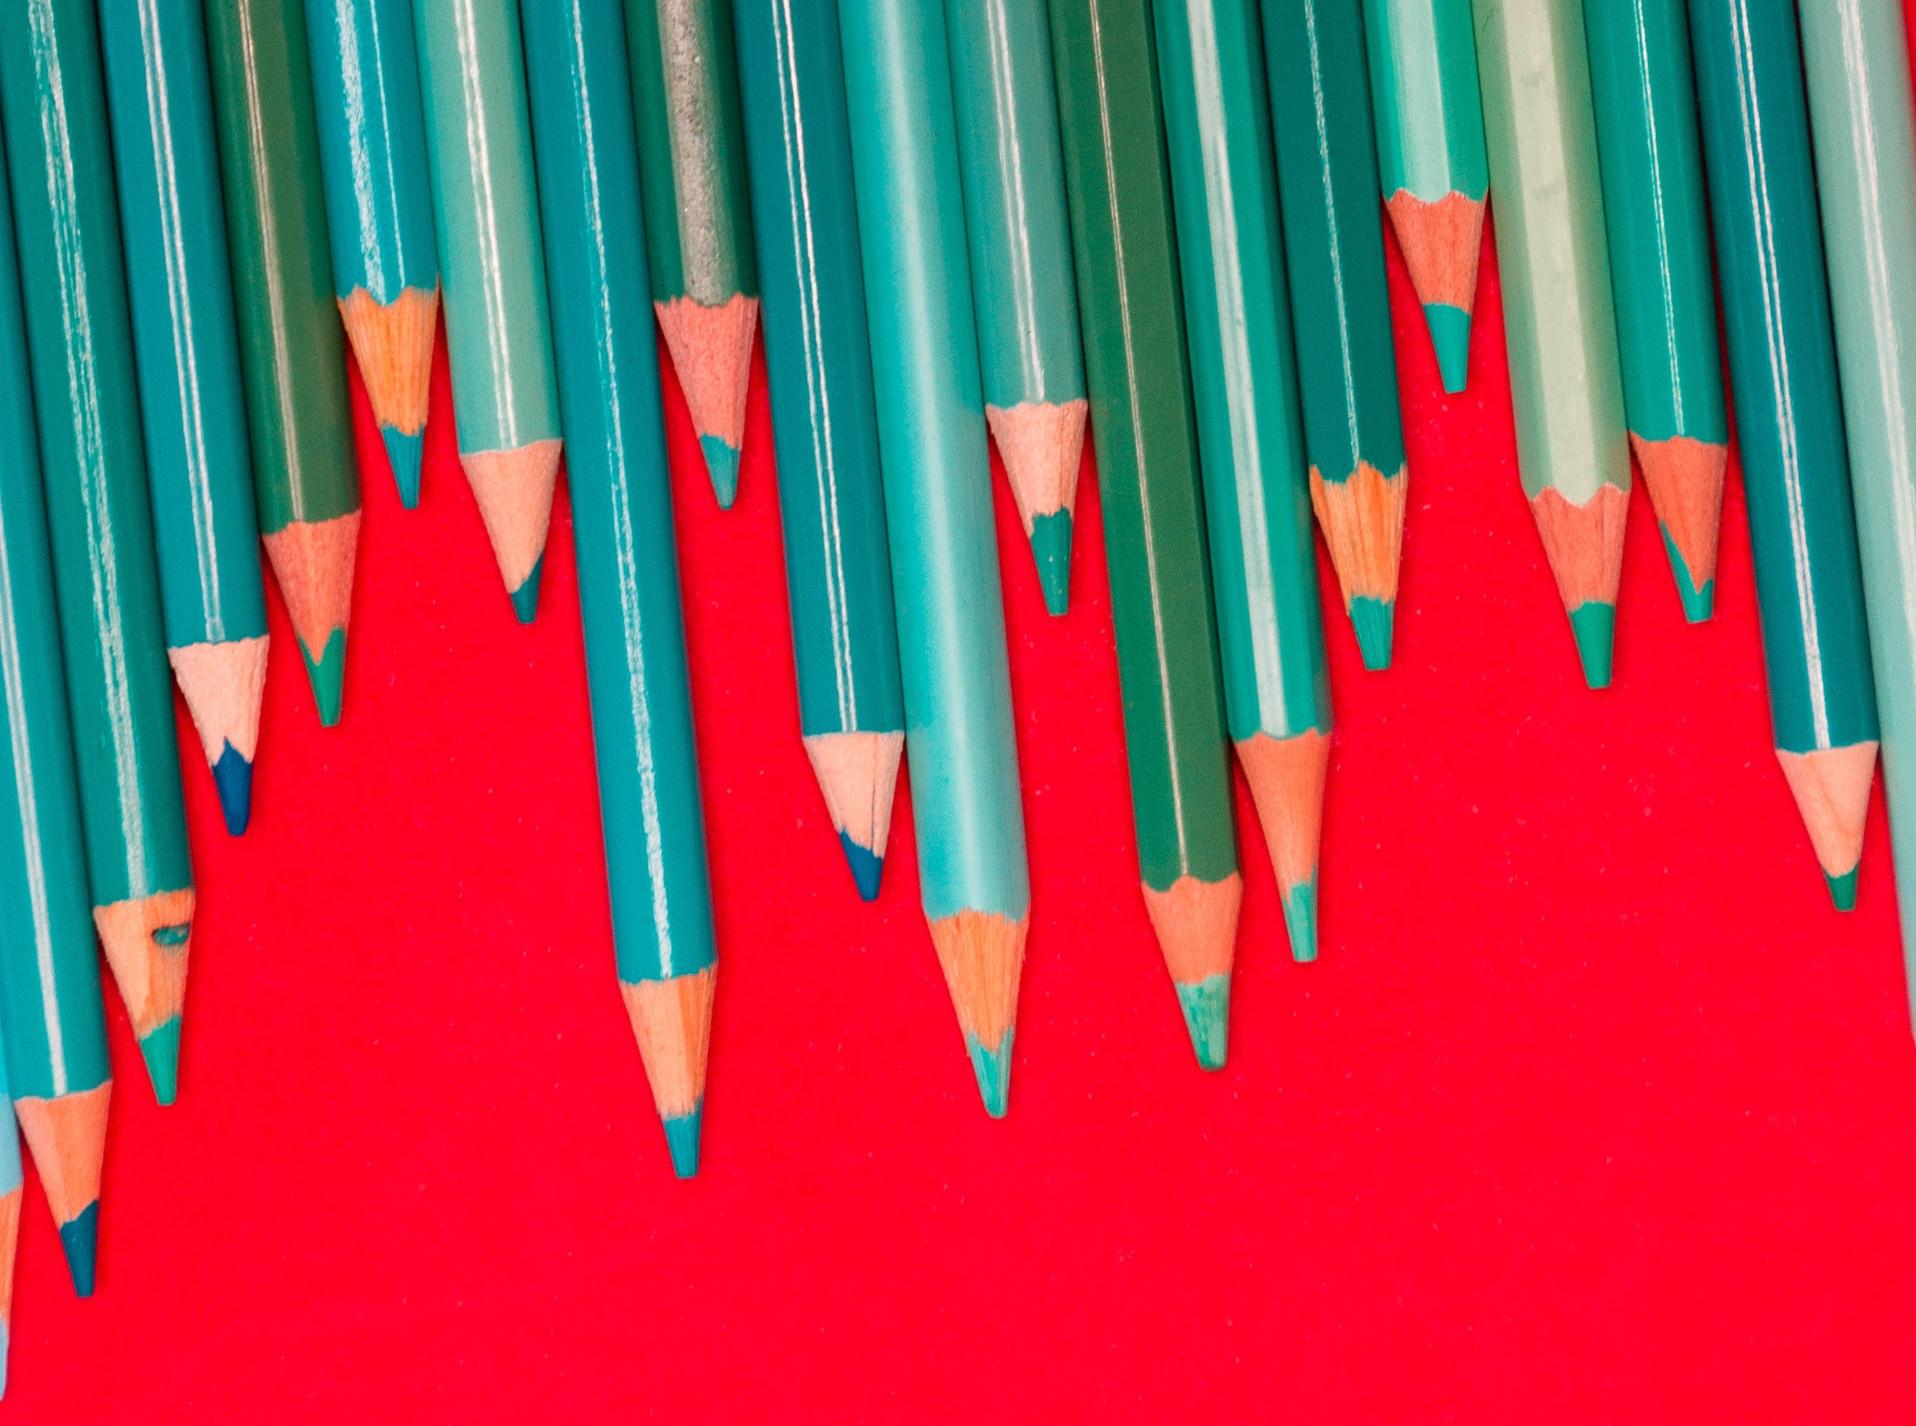 potloden die lijken op een grafiek